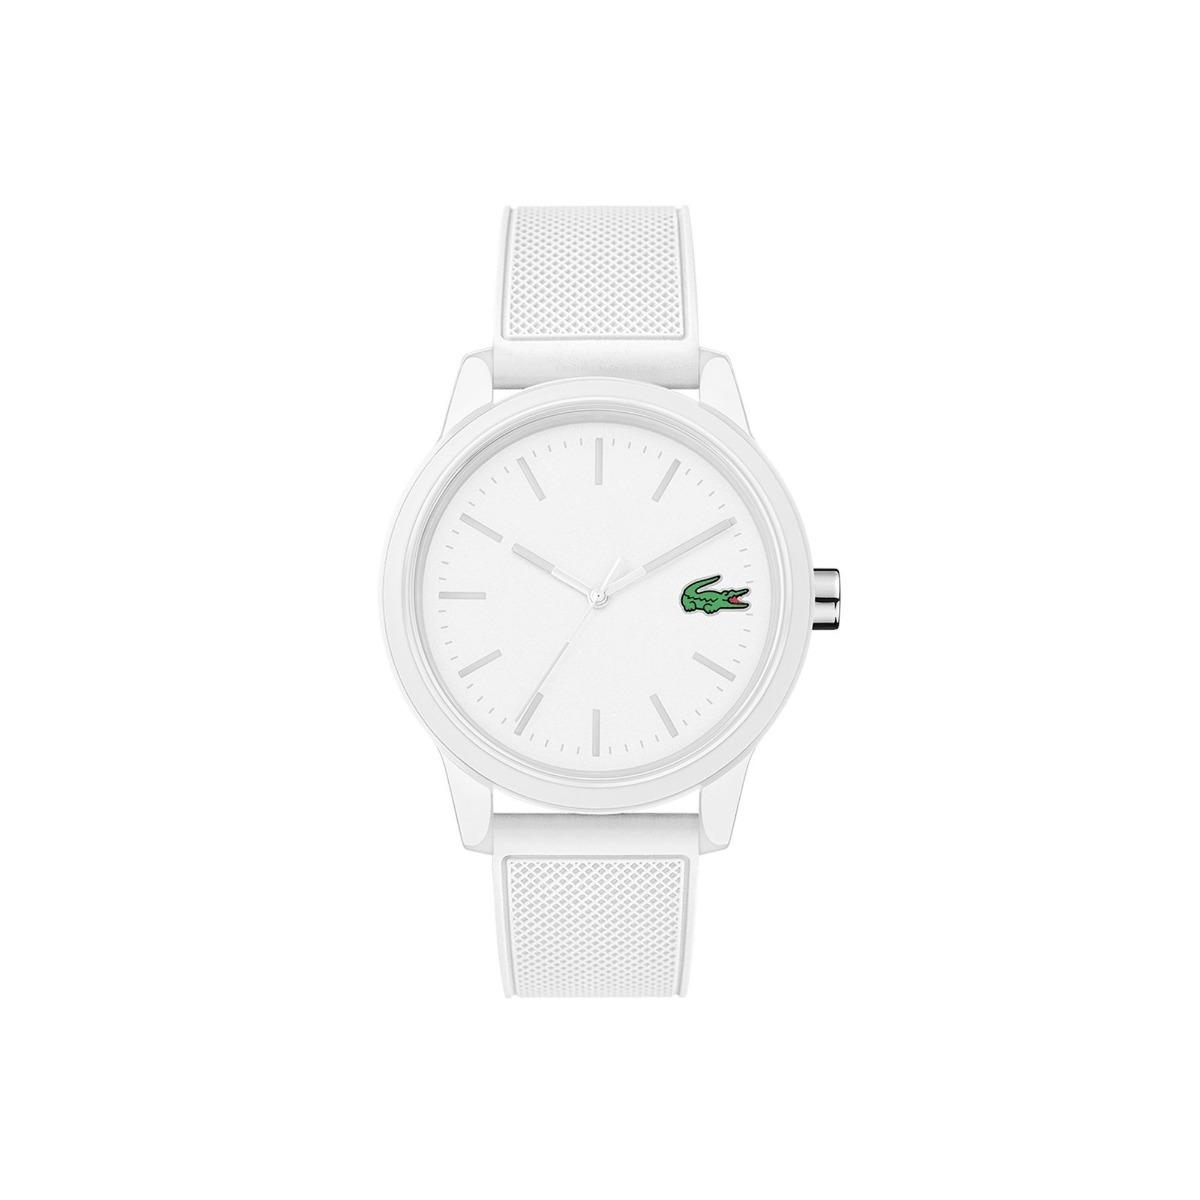 32cd875db0c Relógio Lacoste Masculino - Original Novo (com Nota Fiscal) - R  400 ...